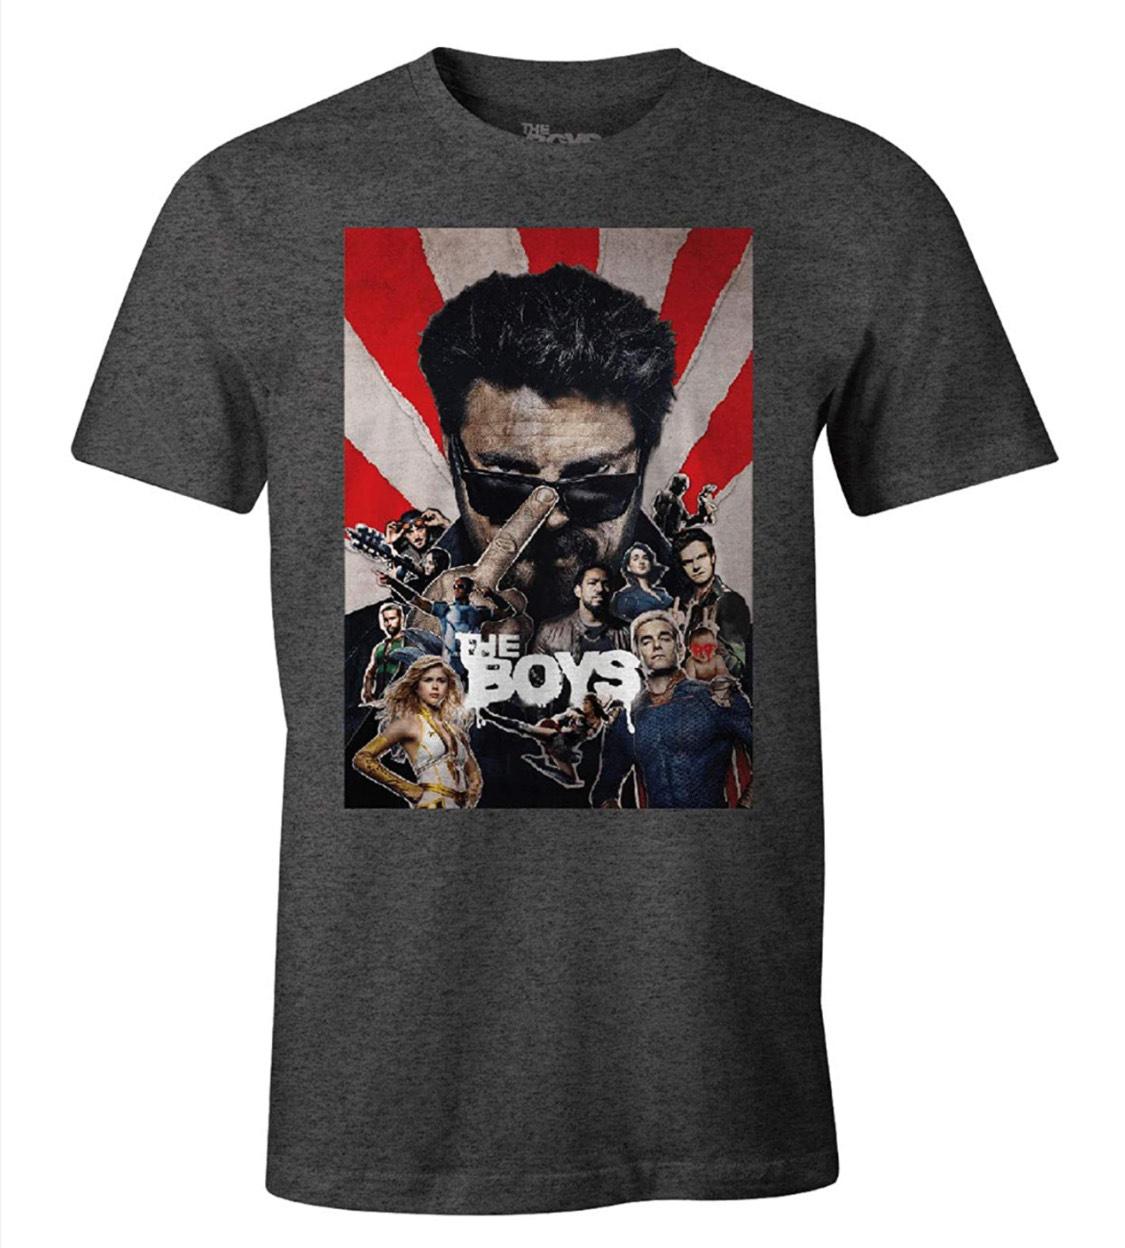 """Camiseta """"The Boys"""" adulto talla XXL (S a 5,08€) Con licencia oficial."""